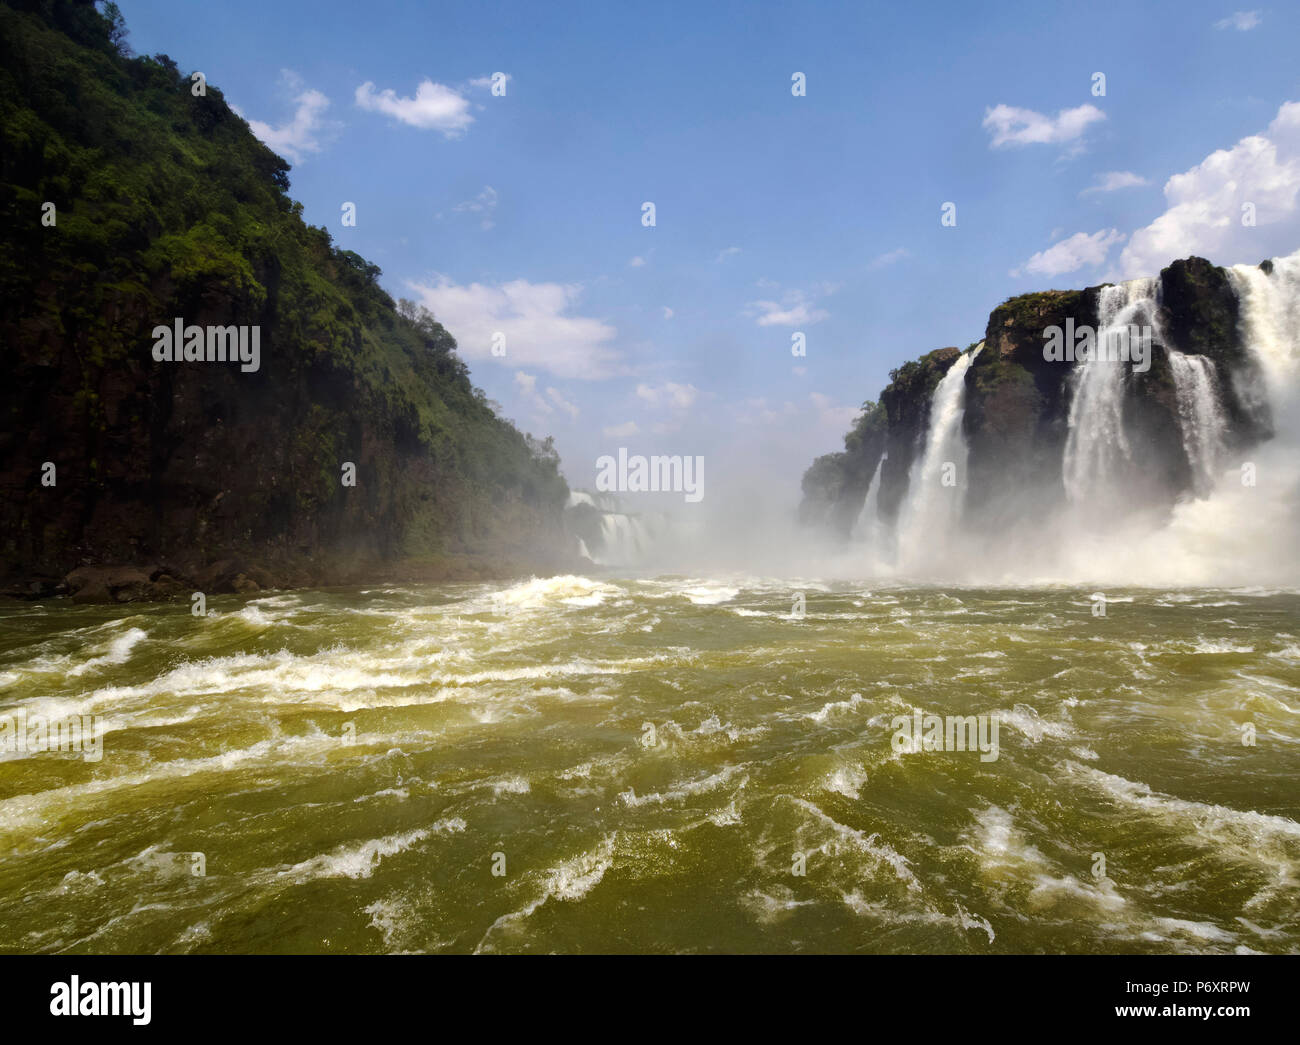 Argentina, Misiones, Puerto Iguazu, View of the Iguazu Falls. - Stock Image